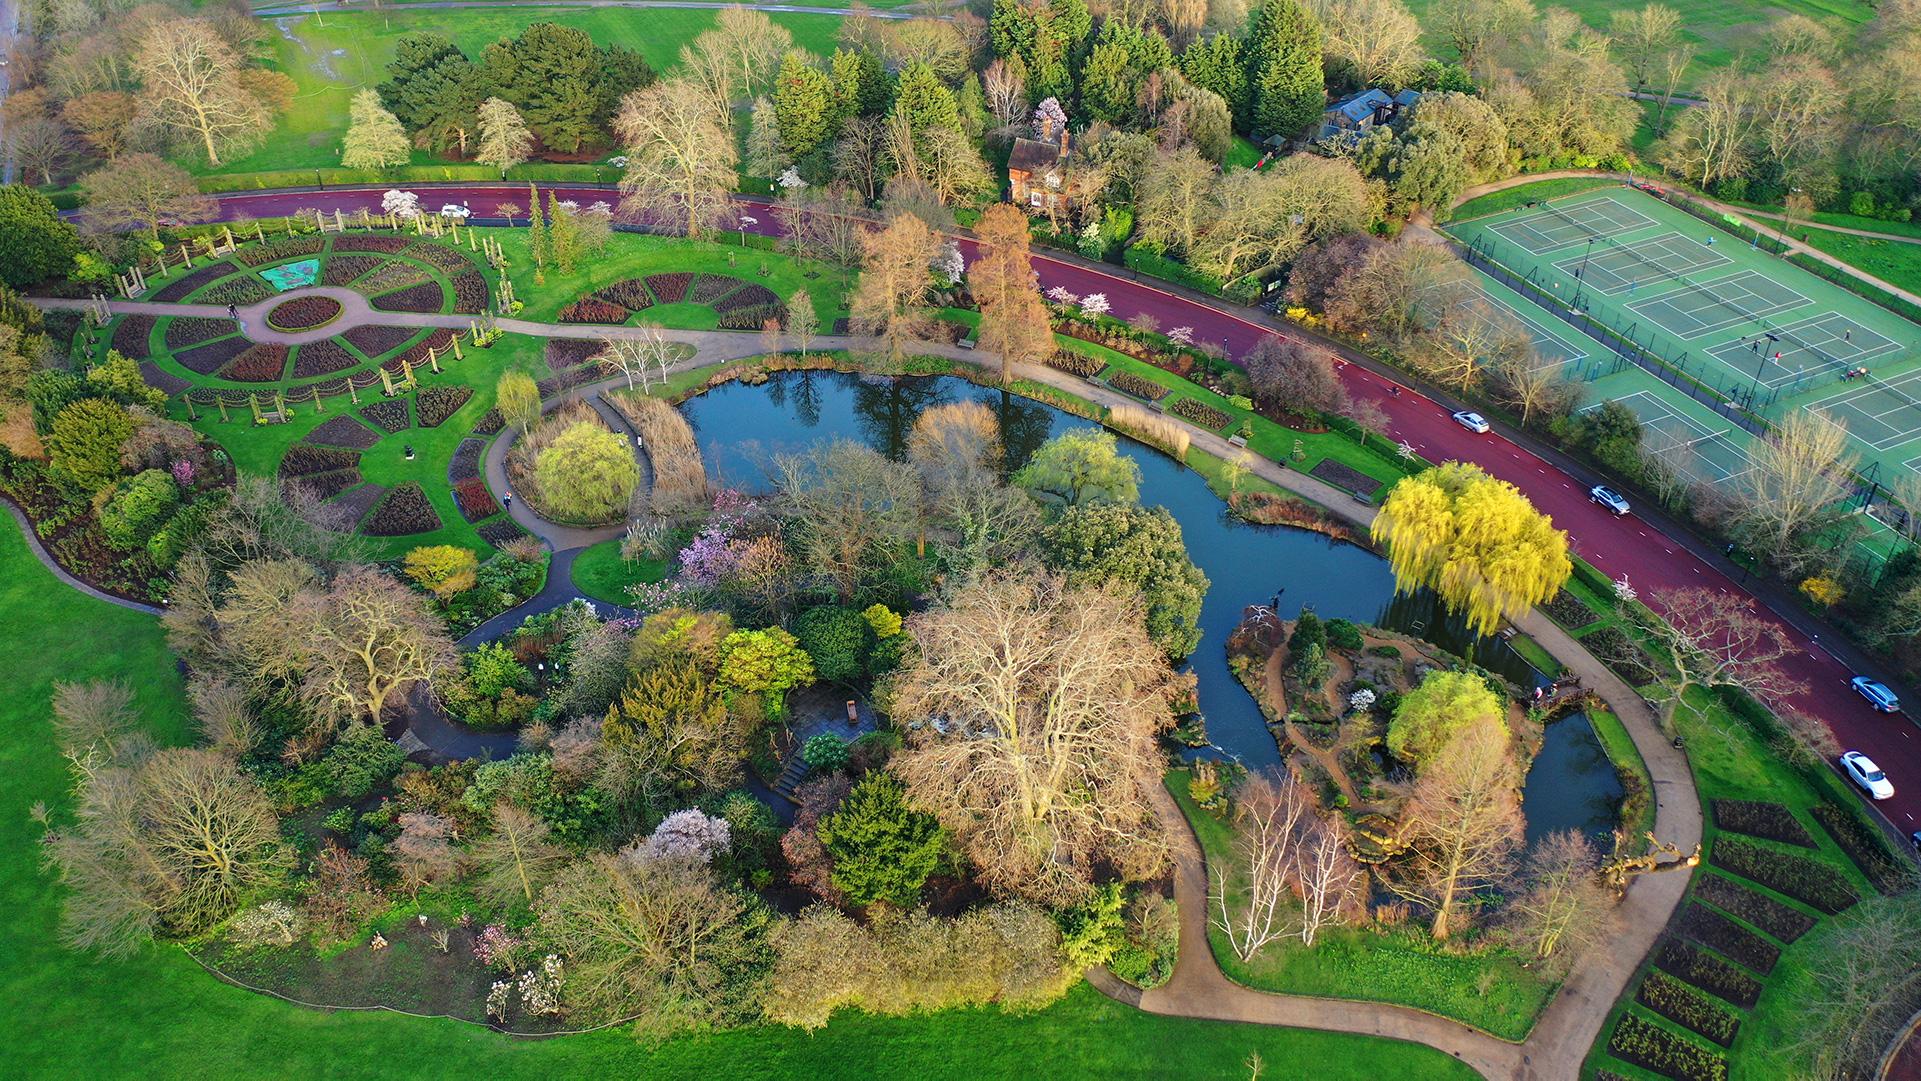 Queen Mary's Garden vicino a Camden Town, Londra